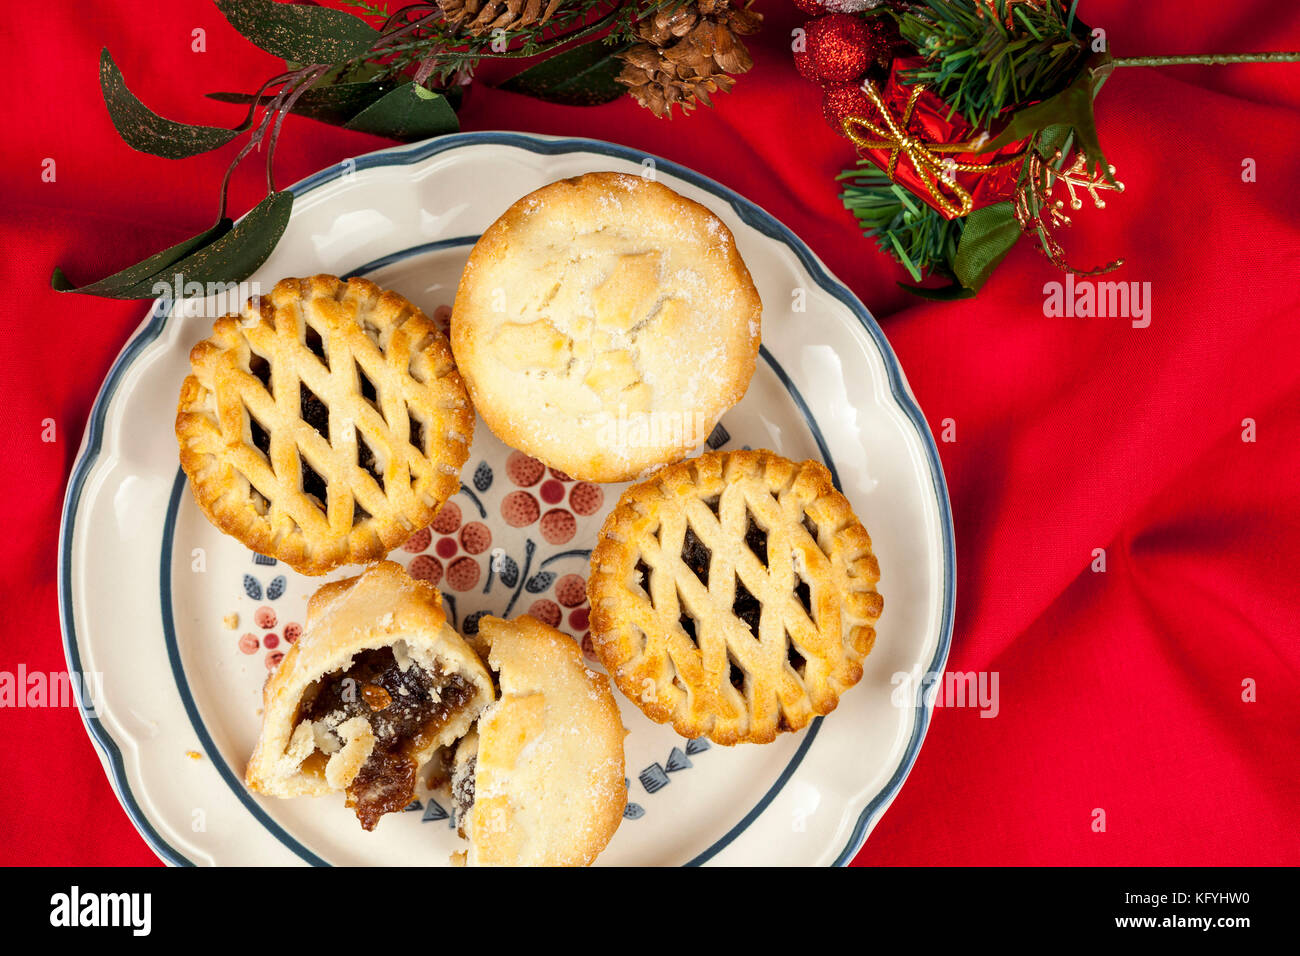 Haut réseau plaqué mince pies à Noël sur un tapis de table rouge ébouriffé avec quelques Photo Stock